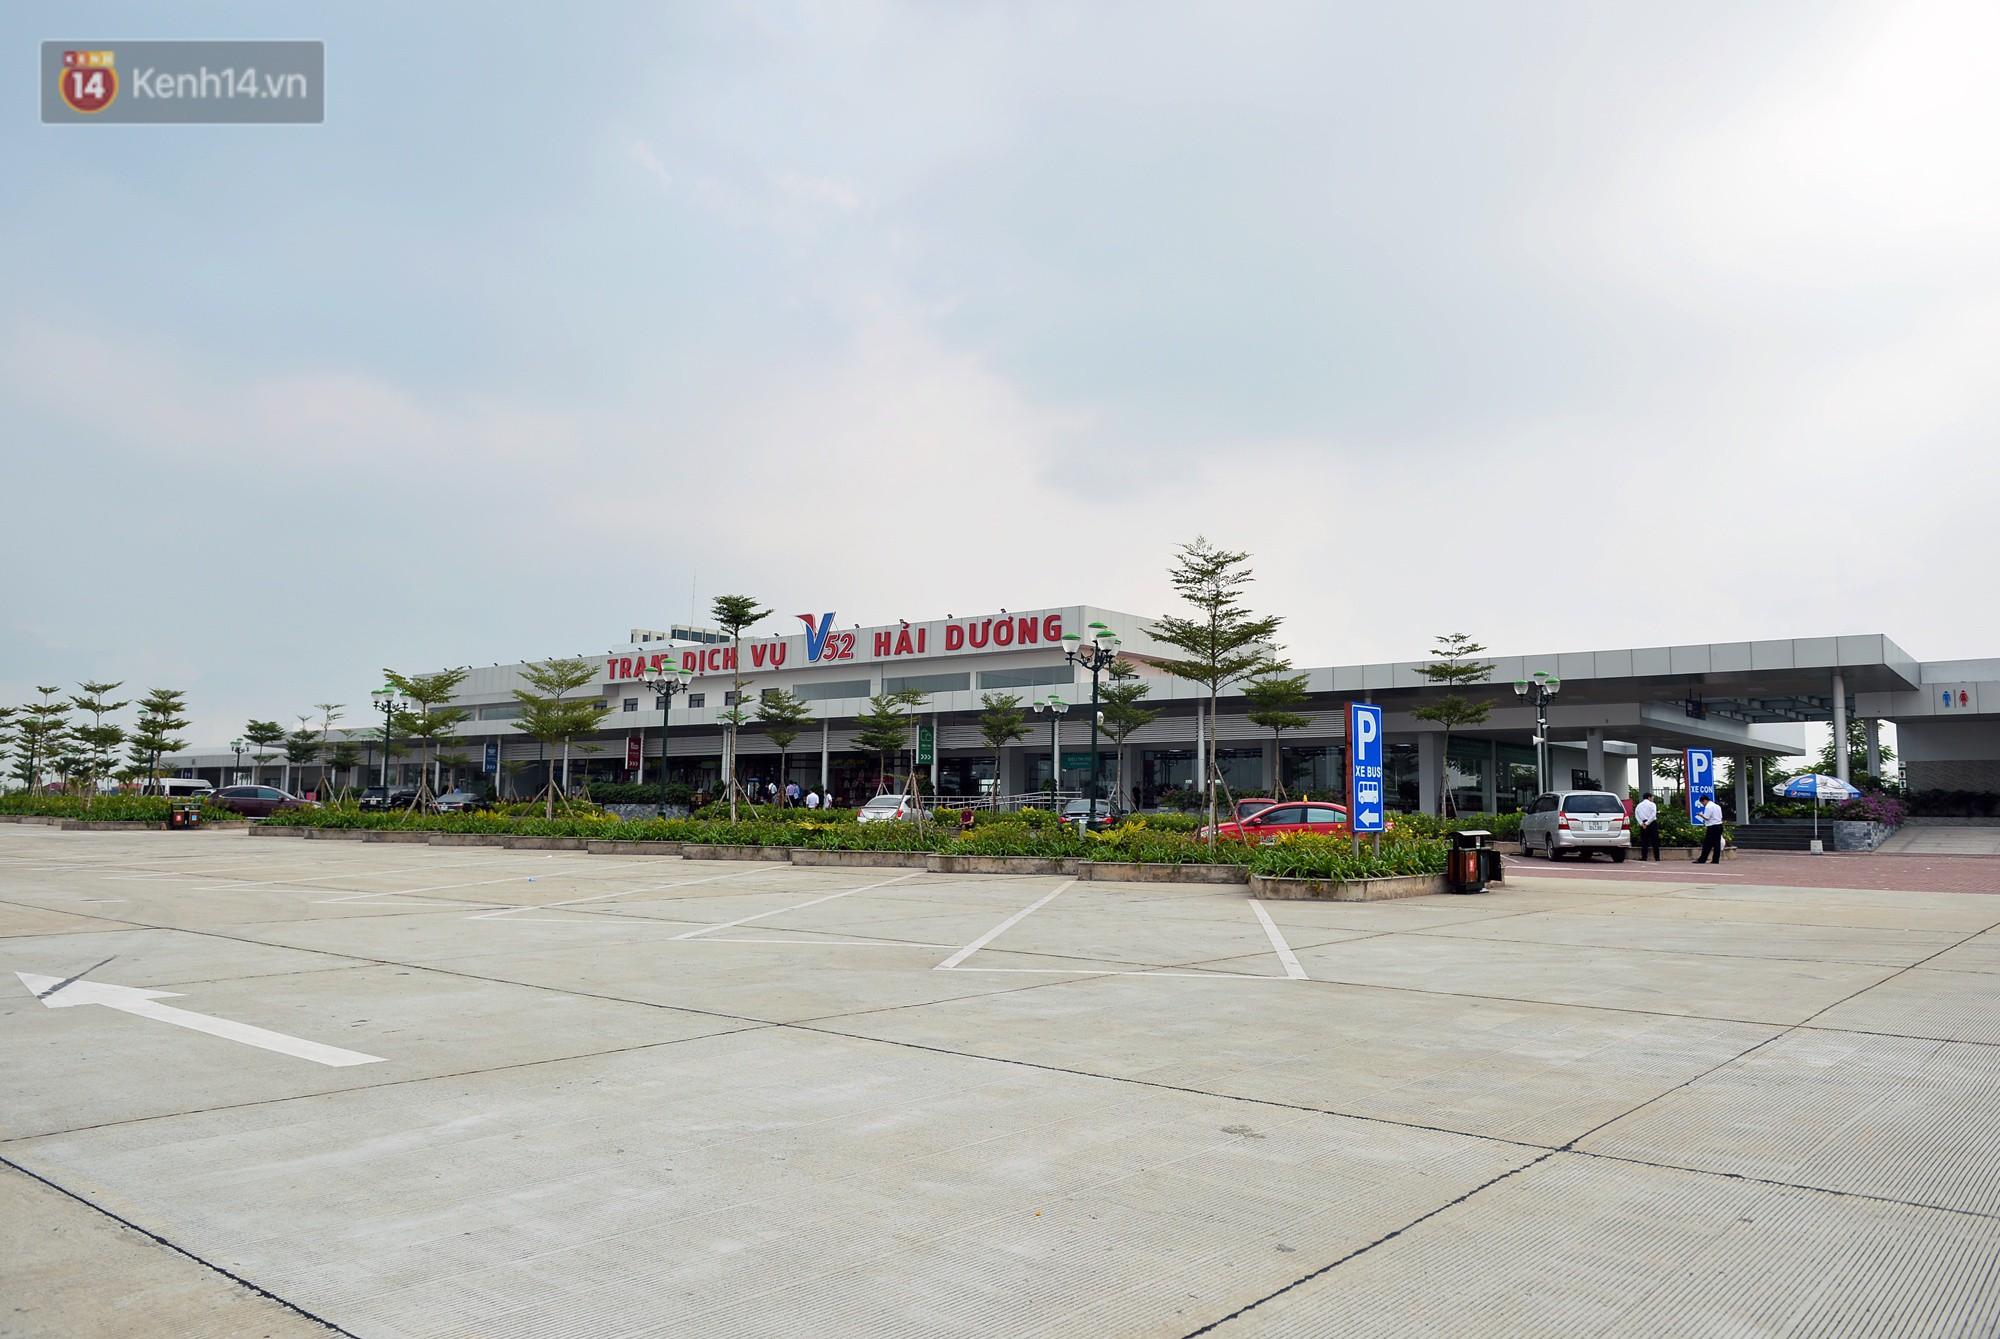 Bên trong trạm dừng chân 5 sao trên cao tốc hiện đại nhất Việt Nam có gì? - Ảnh 1.